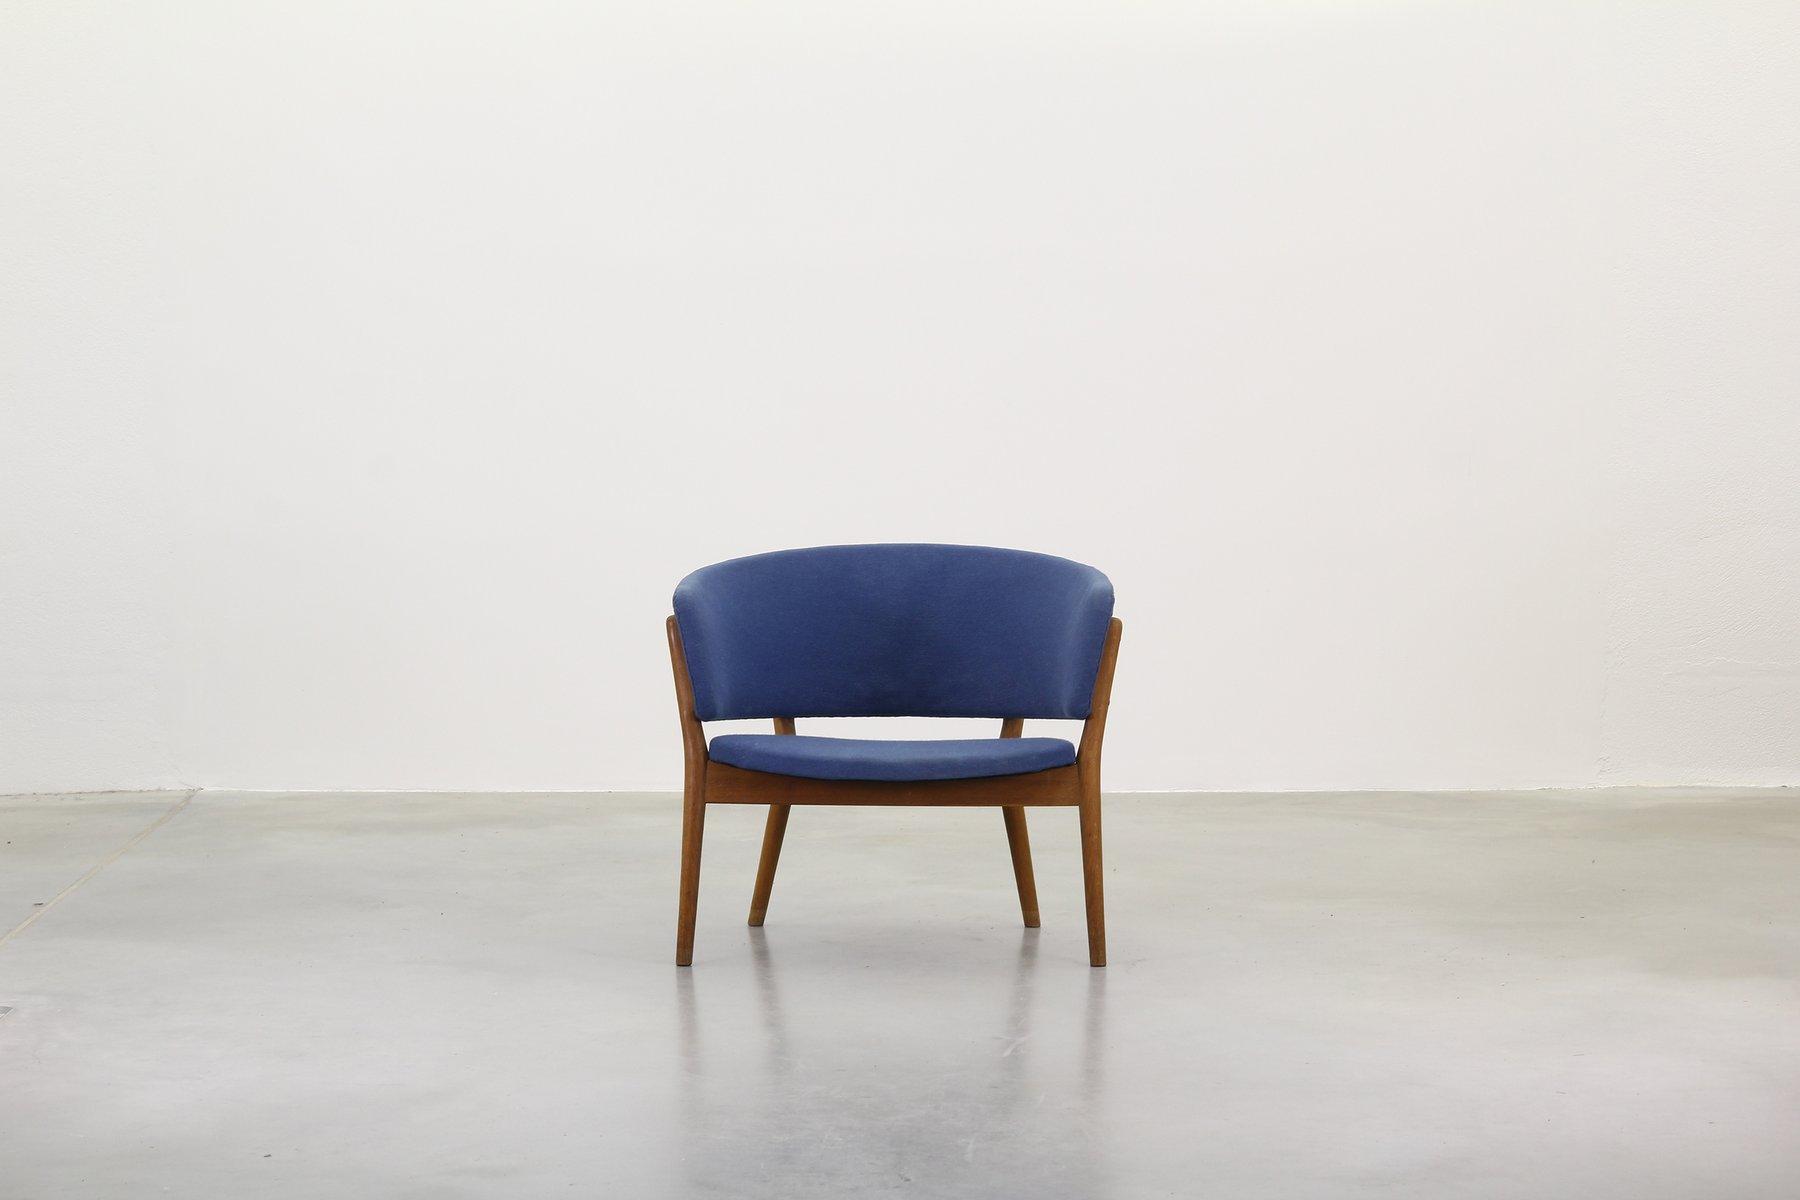 lounge stuhl nd 83 von nanna ditzel f r s ren willadsen bei pamono kaufen. Black Bedroom Furniture Sets. Home Design Ideas